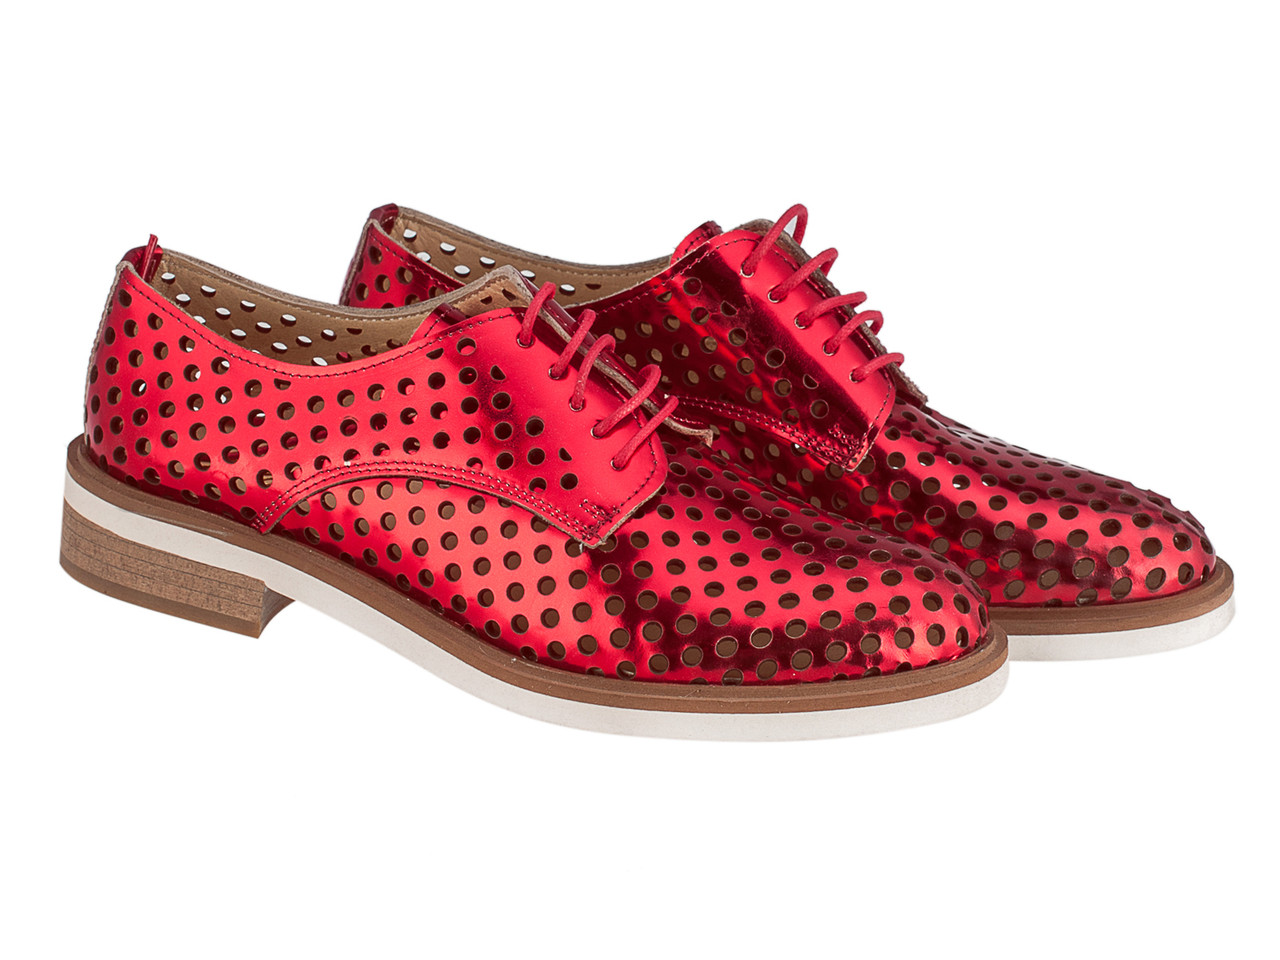 Туфлі Etor 5890-10339 39 червоні